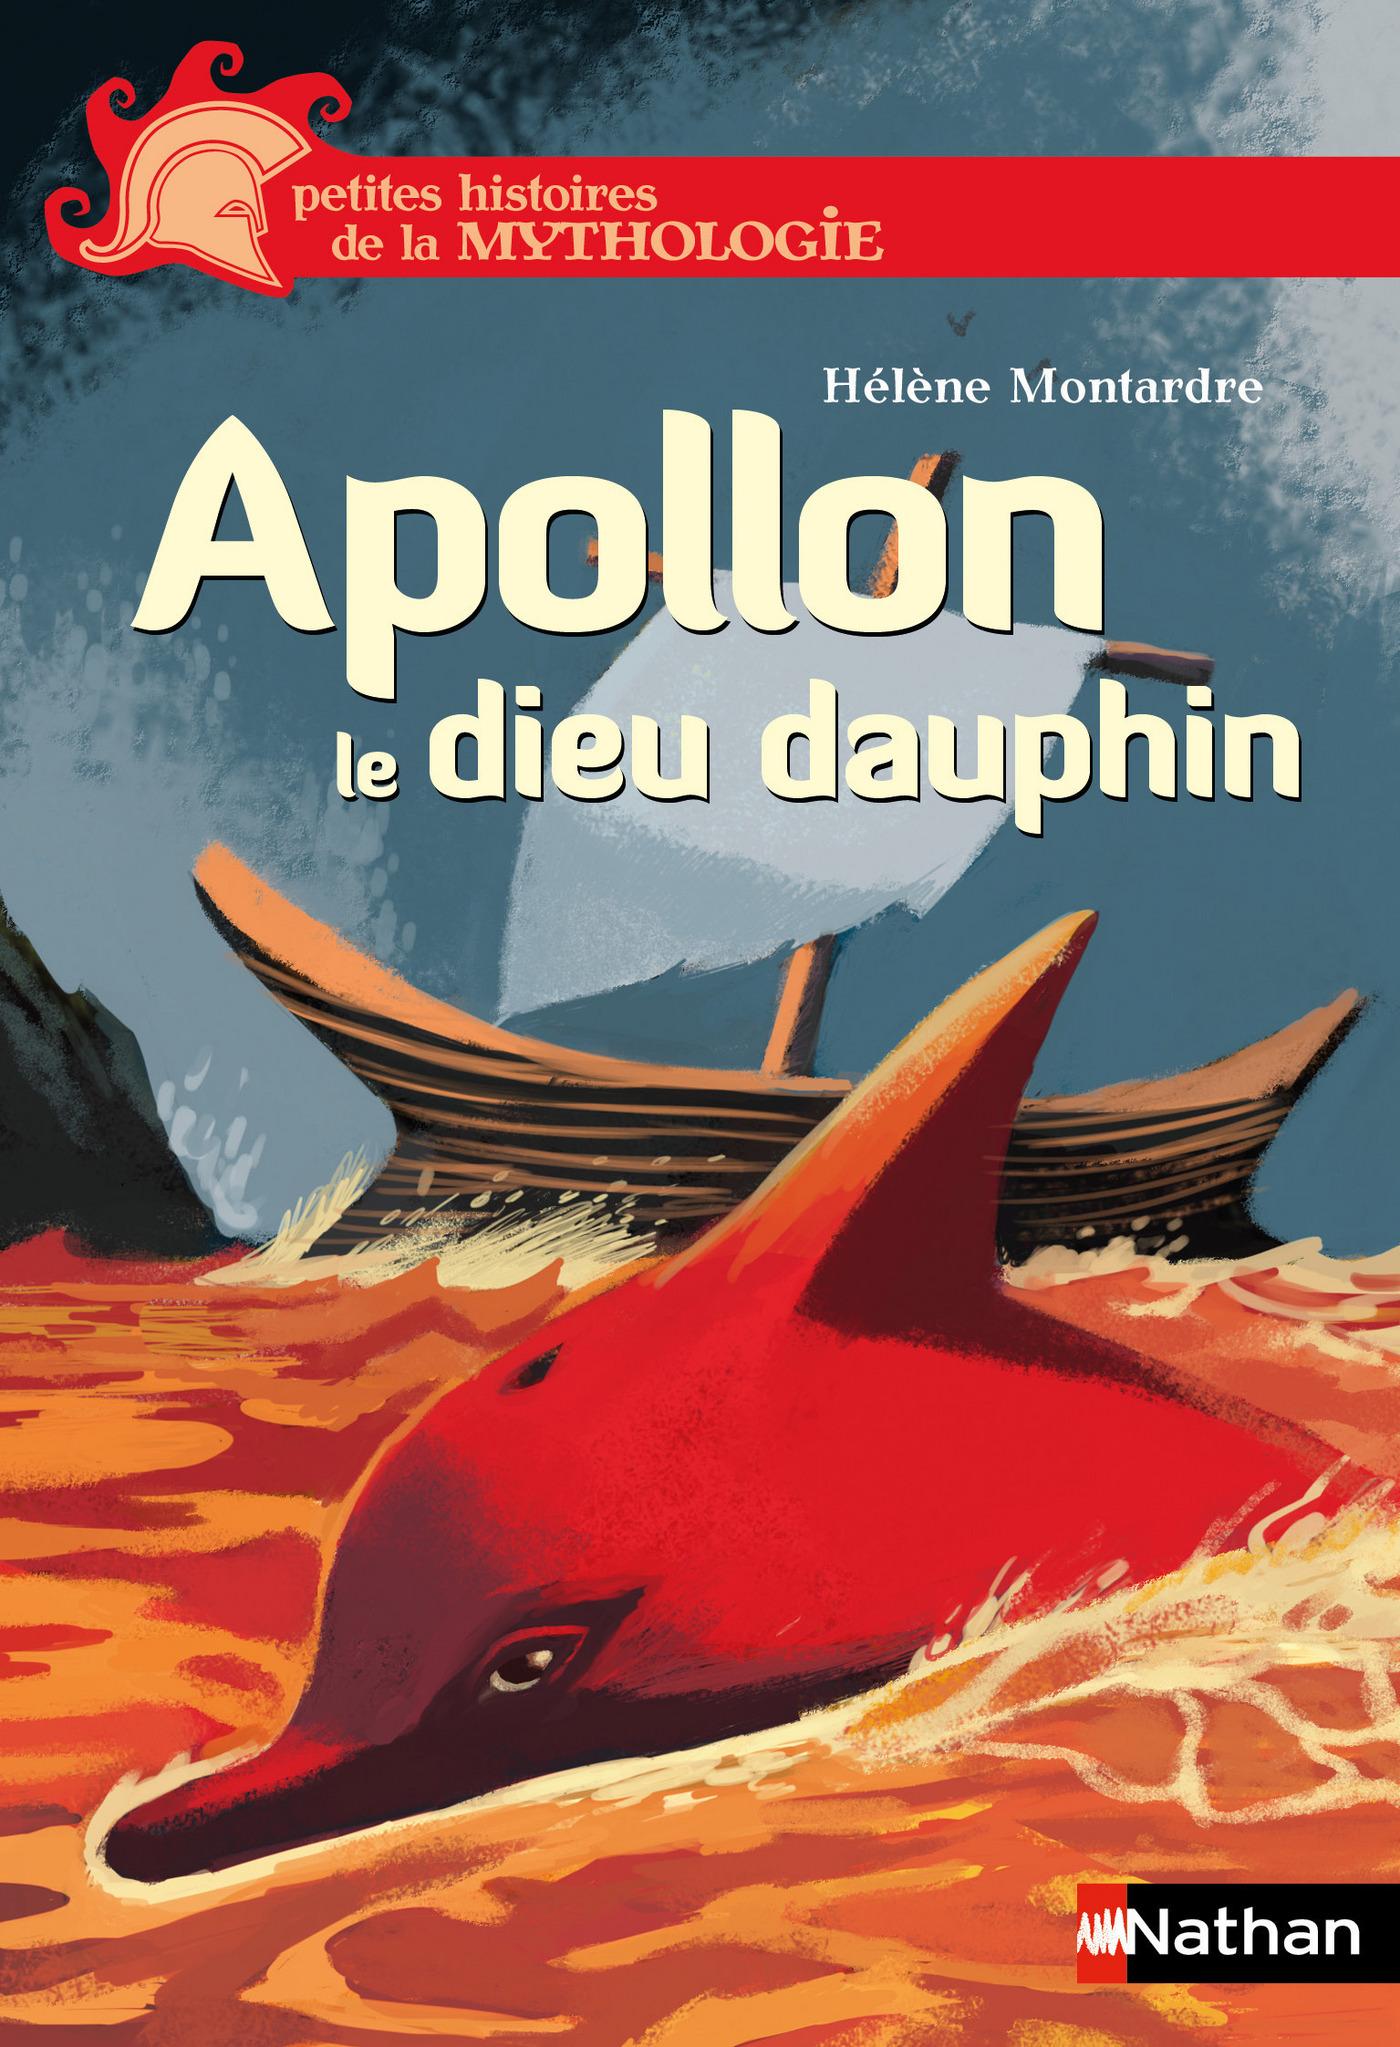 Apollon, le dieu dauphin (ebook)